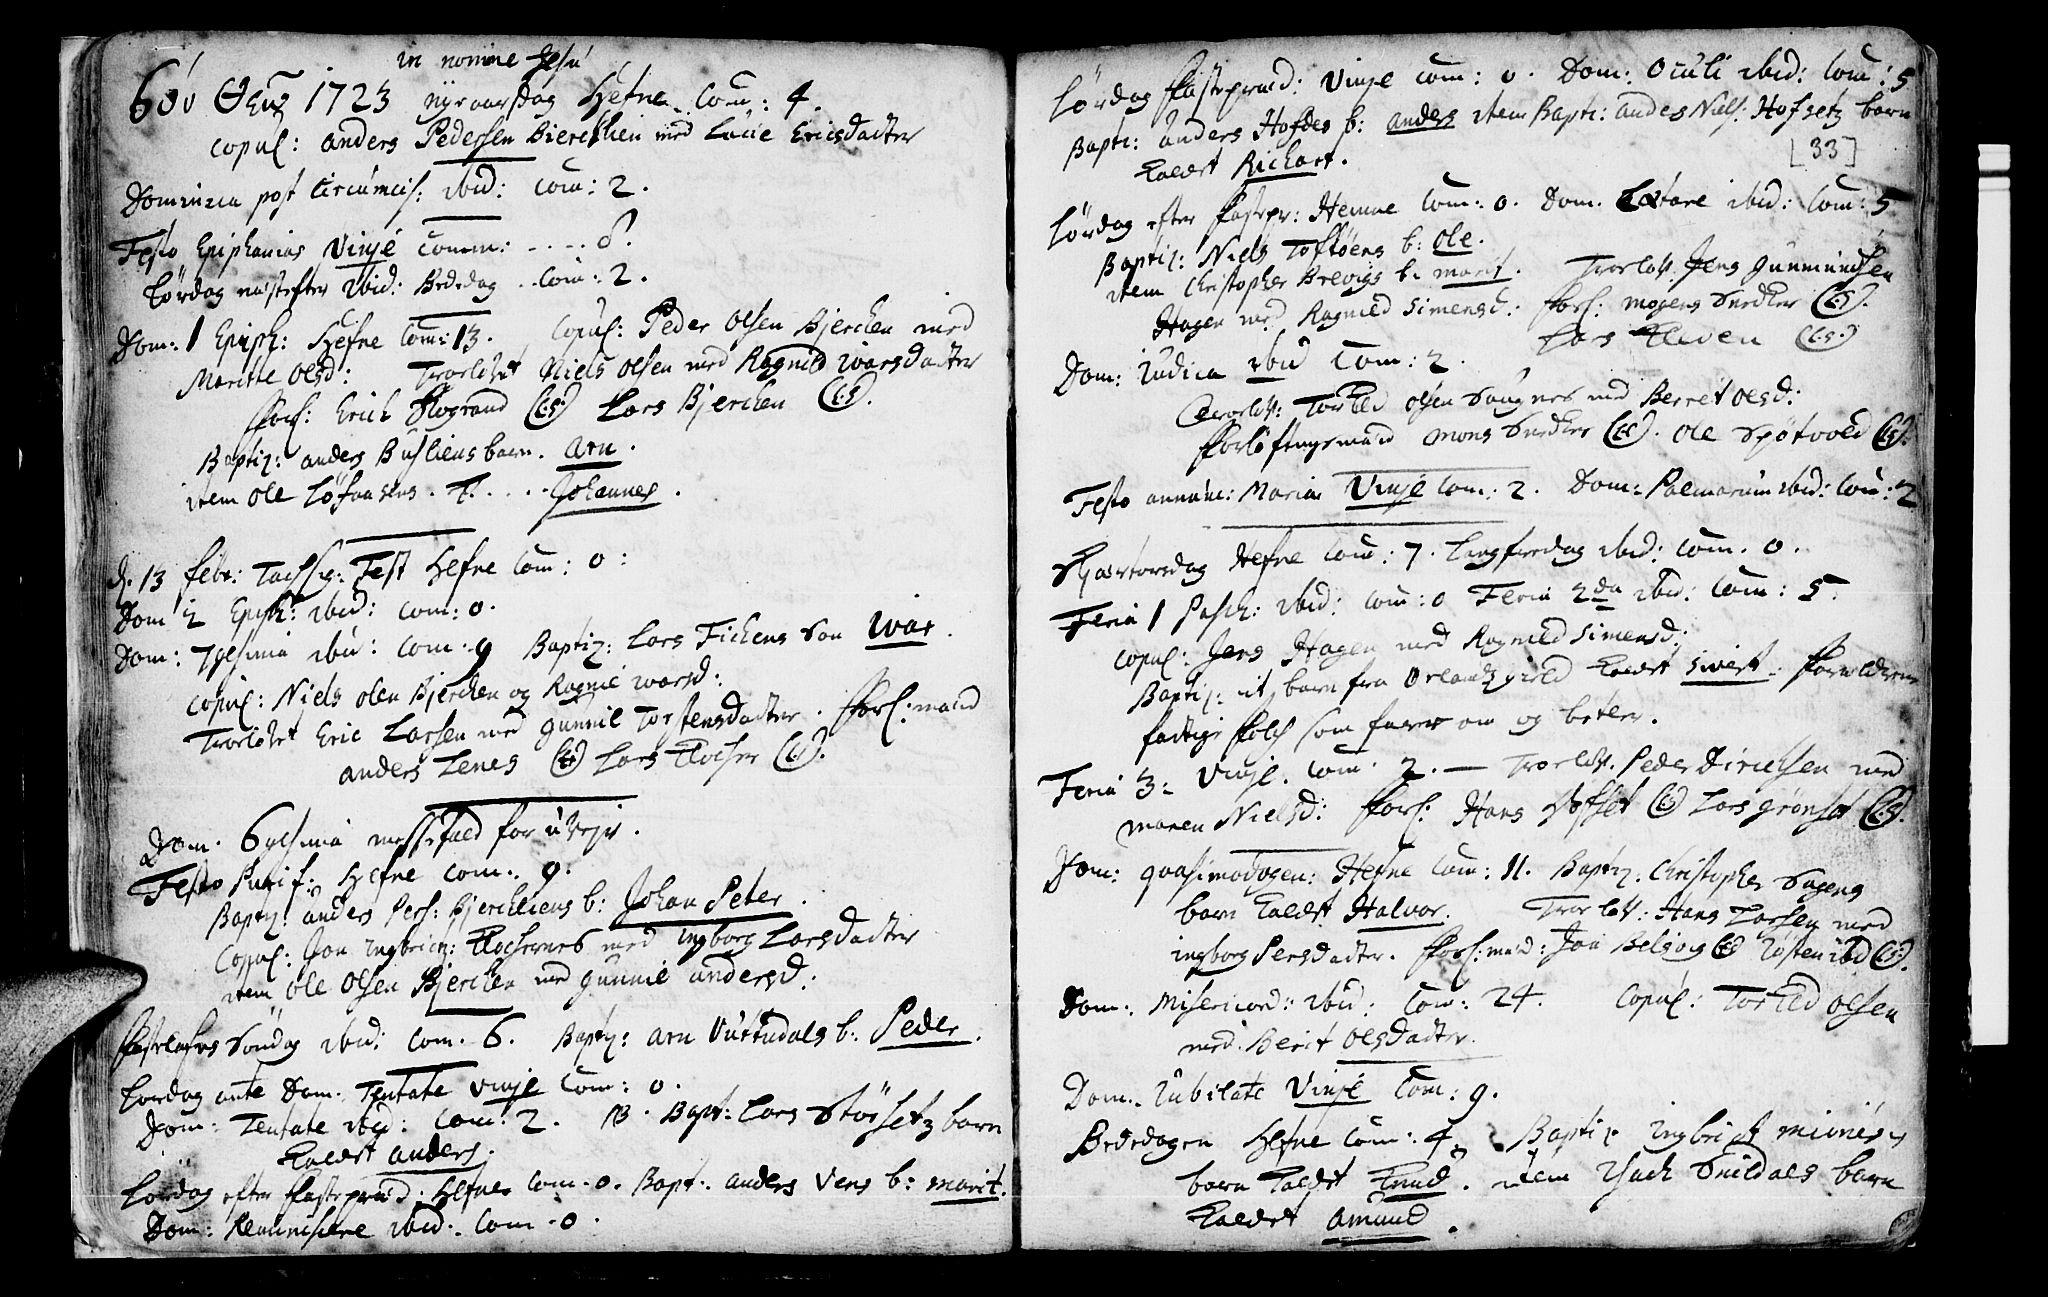 SAT, Ministerialprotokoller, klokkerbøker og fødselsregistre - Sør-Trøndelag, 630/L0488: Ministerialbok nr. 630A01, 1717-1756, s. 32-33